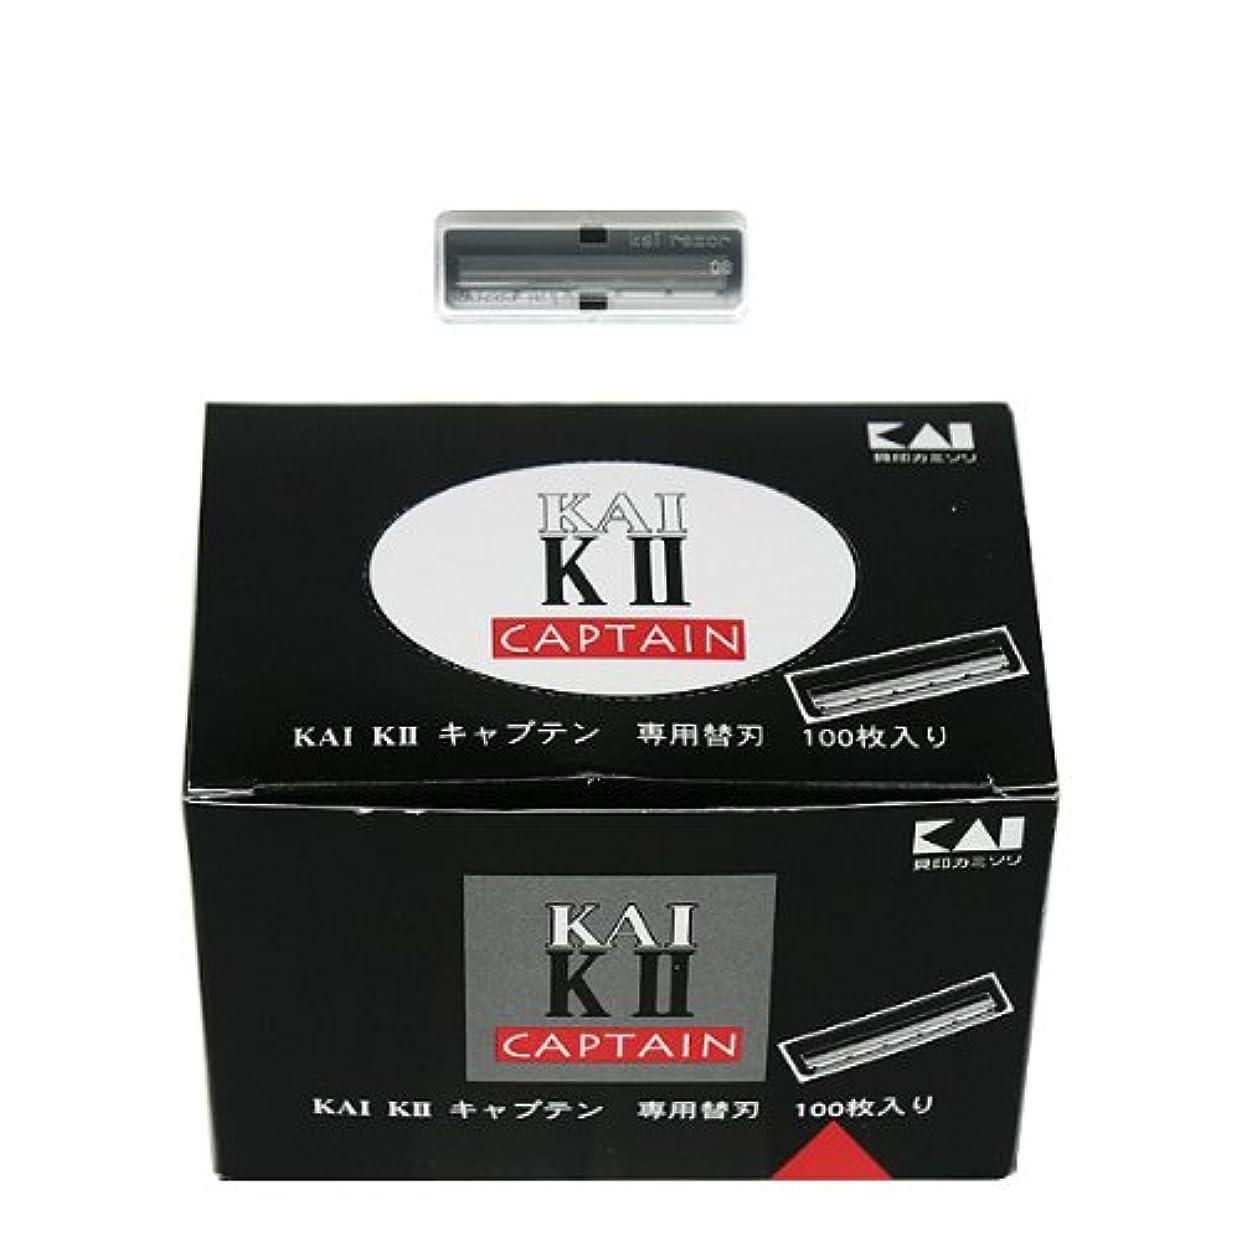 空中ごちそう扇動貝印カミソリ KAI K2キャプテン 専用替刃 BーCAP 100枚入